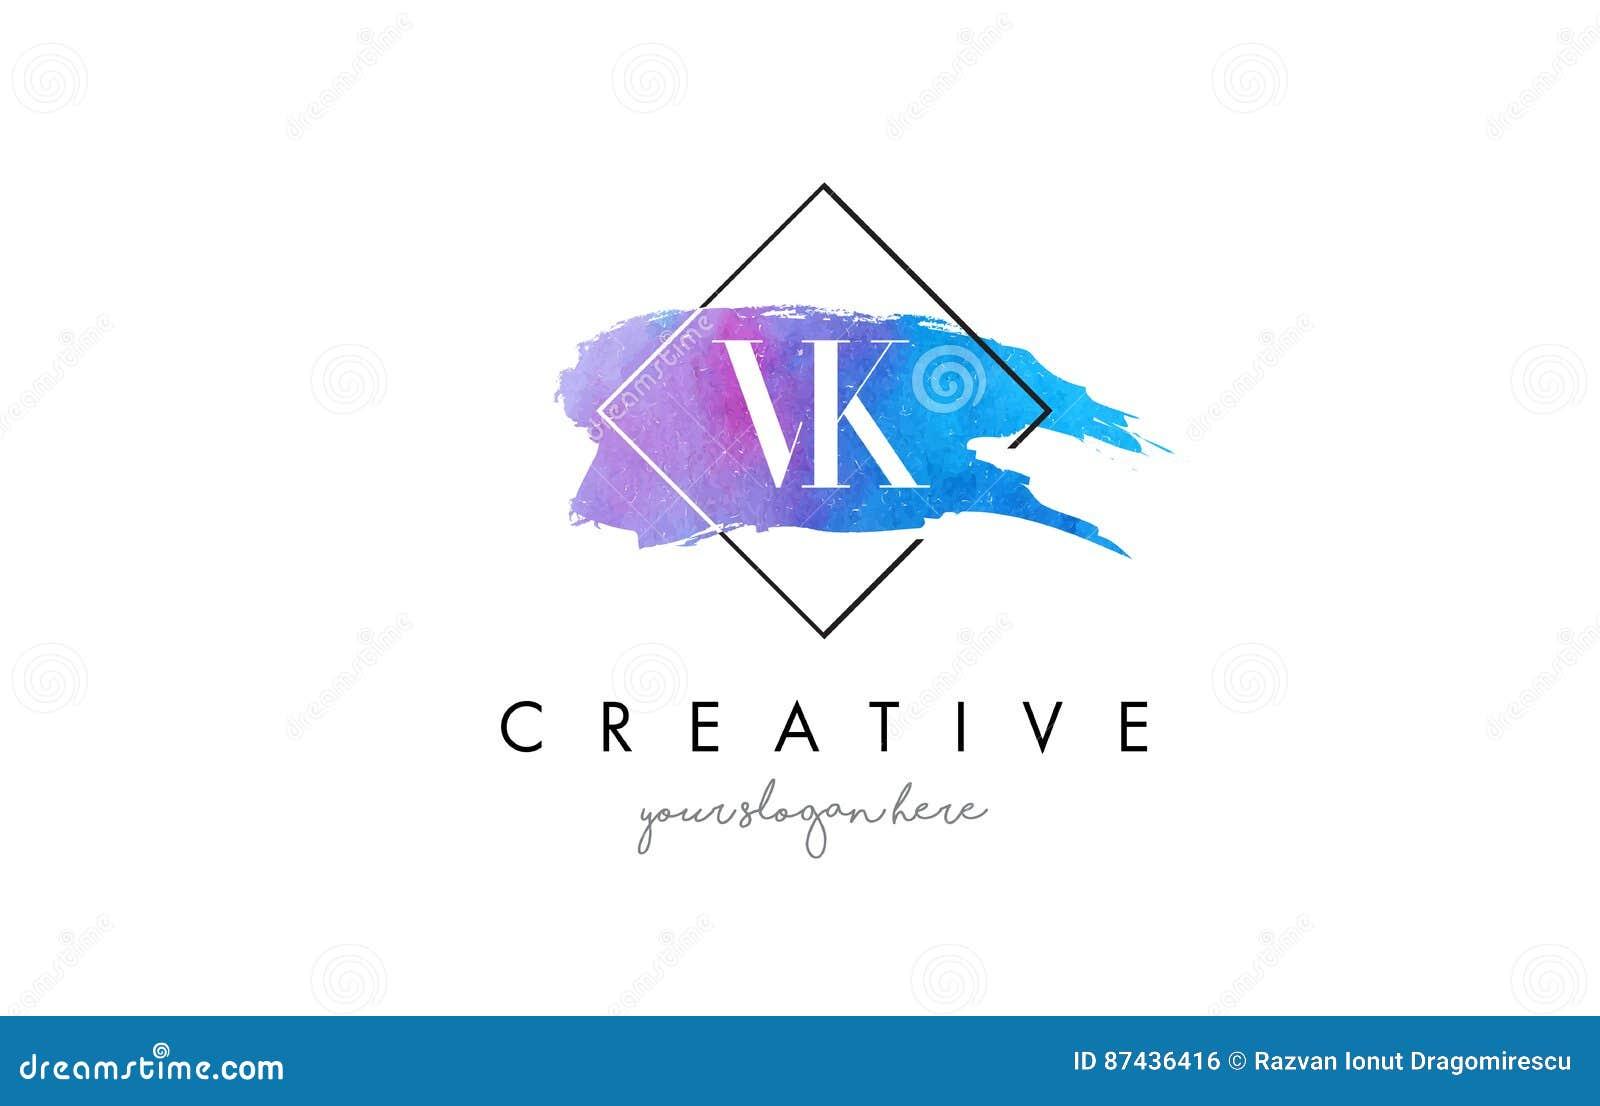 VK Artistic Watercolor Letter Brush Logo  Stock Vector